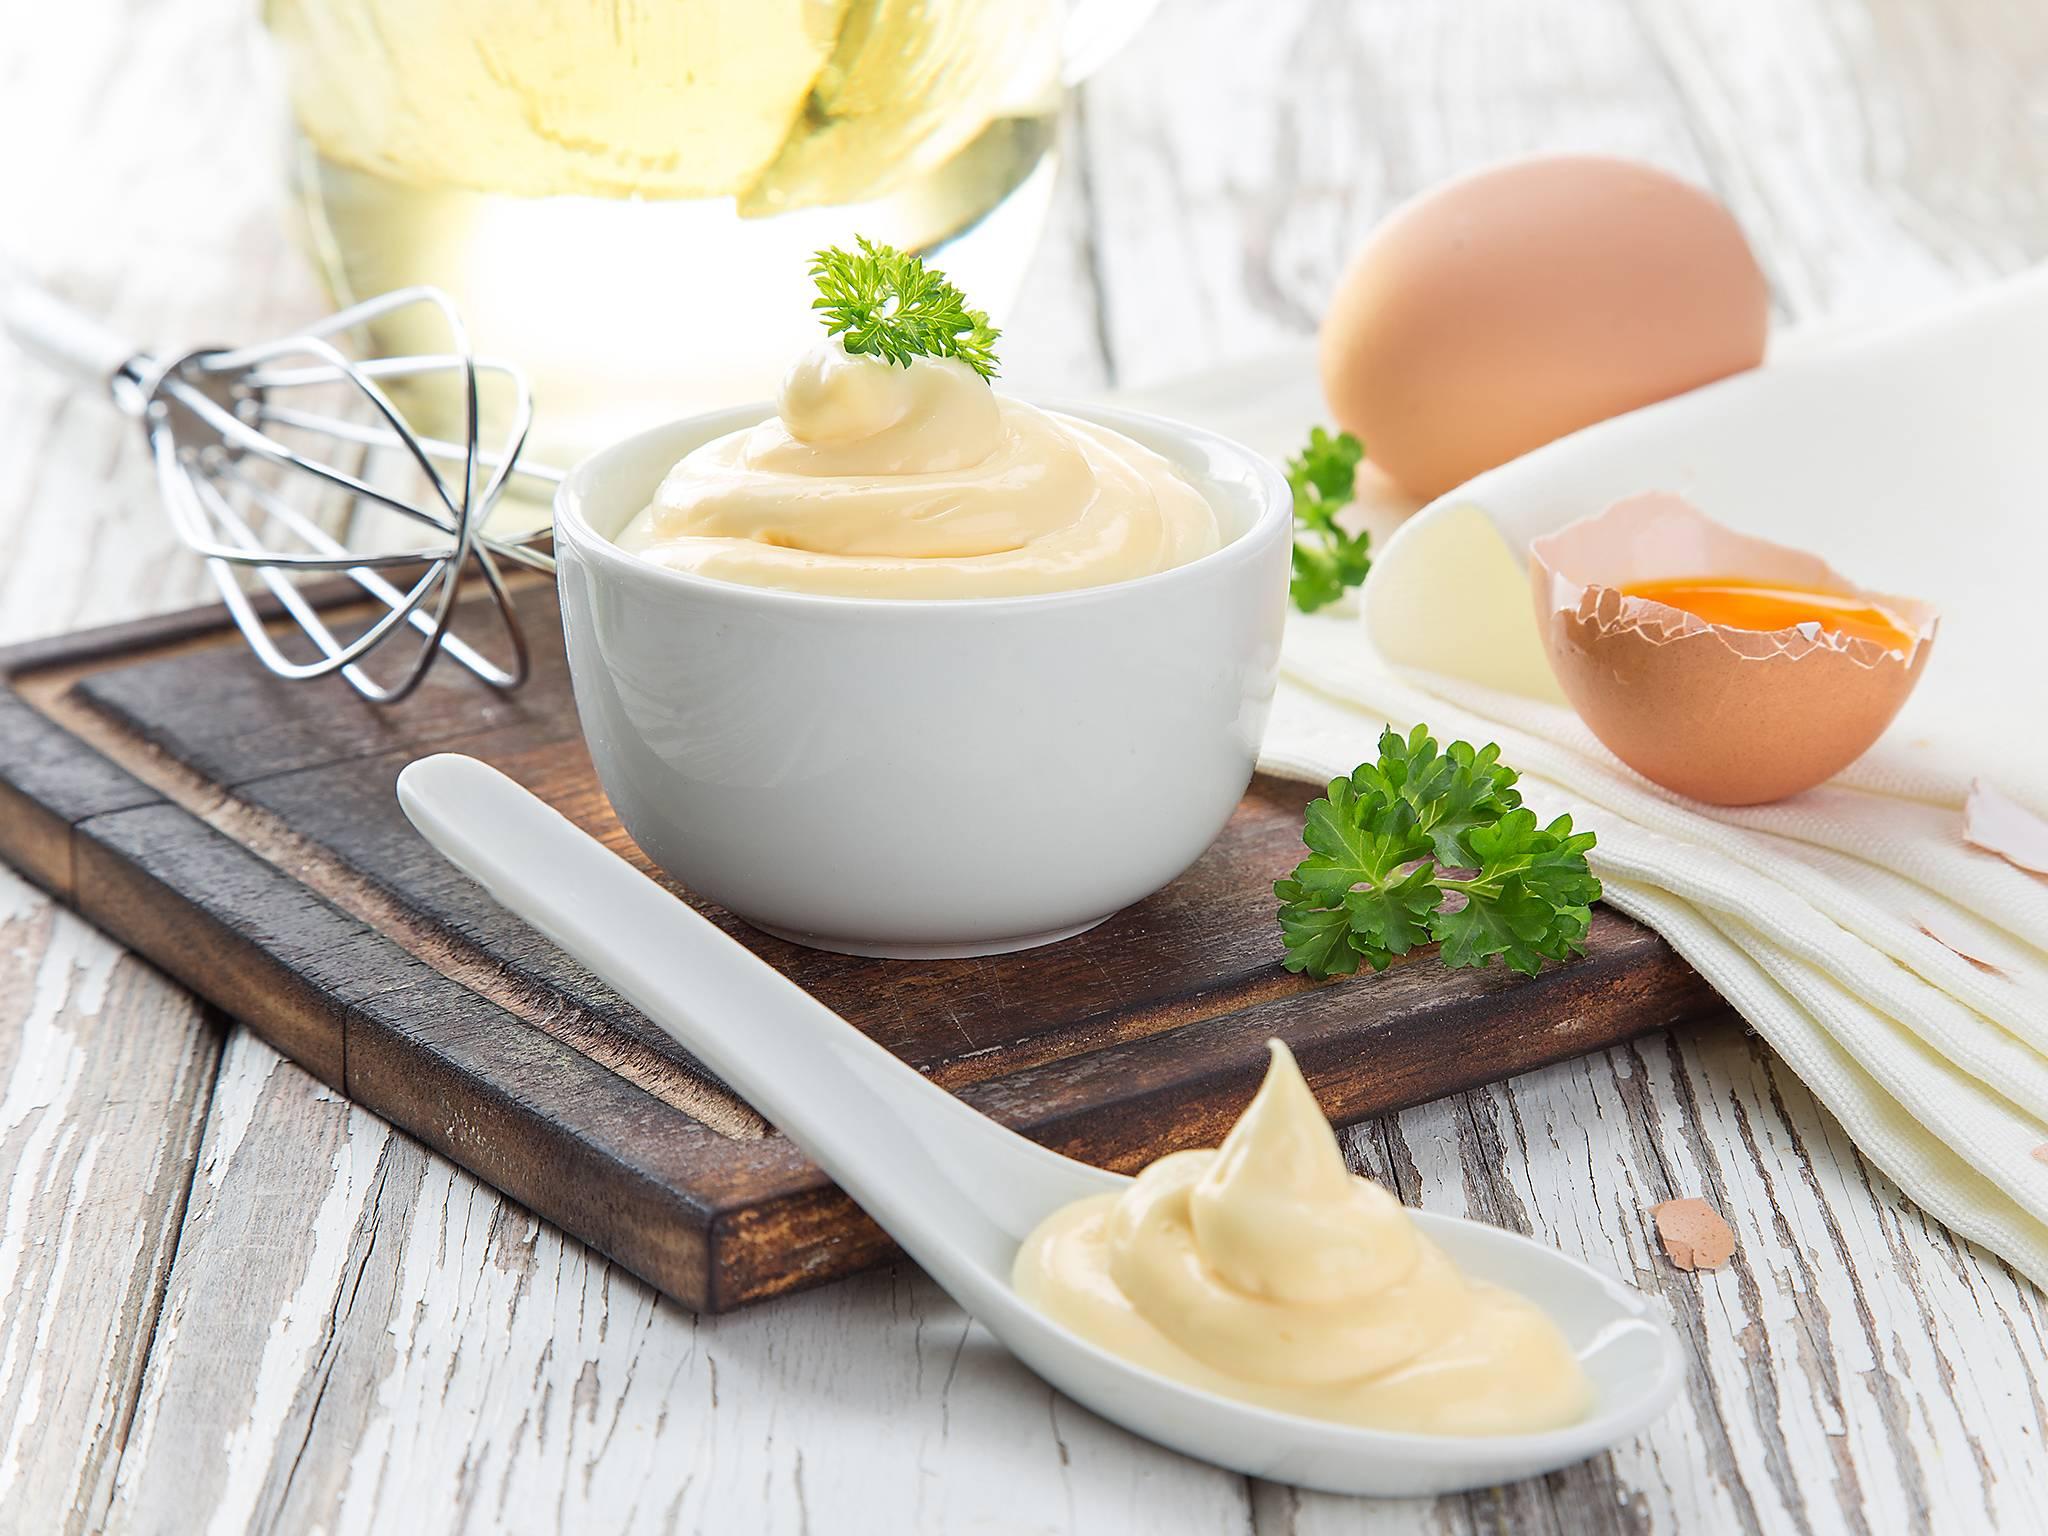 Майонез, приготовленный в домашних условиях, является продуктом здорового питания, и можно добавлять в разнообразные блюда